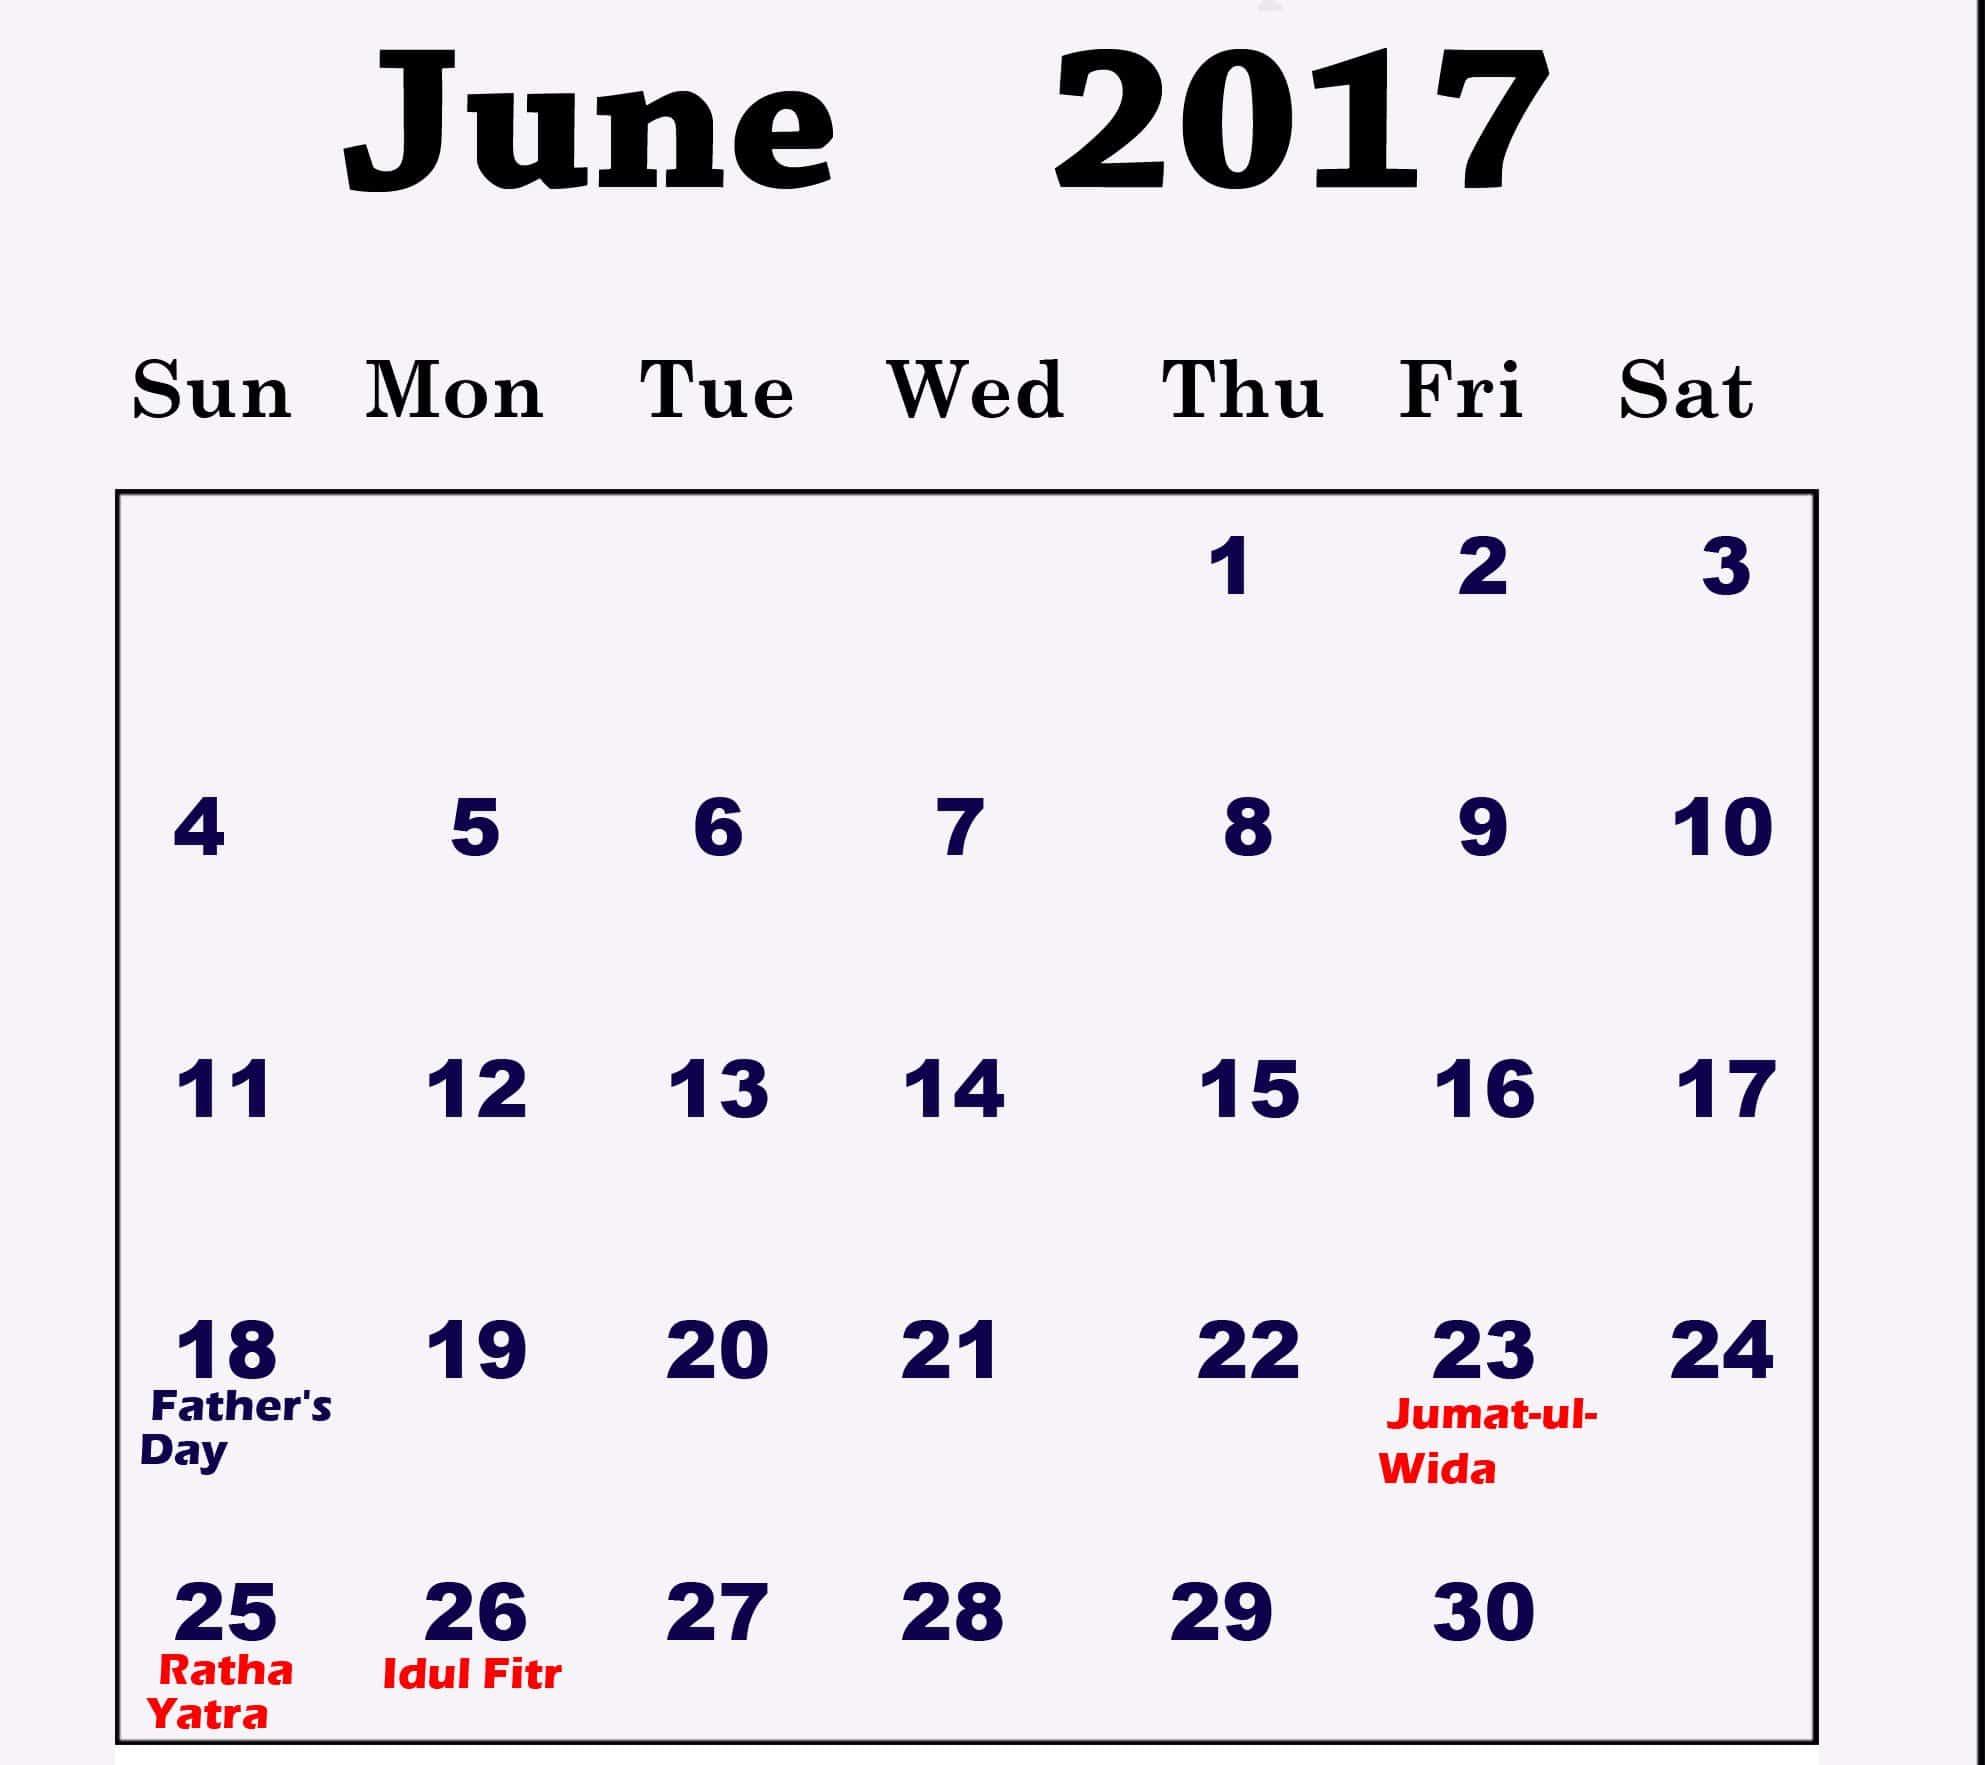 Free June 2017 calendar Download